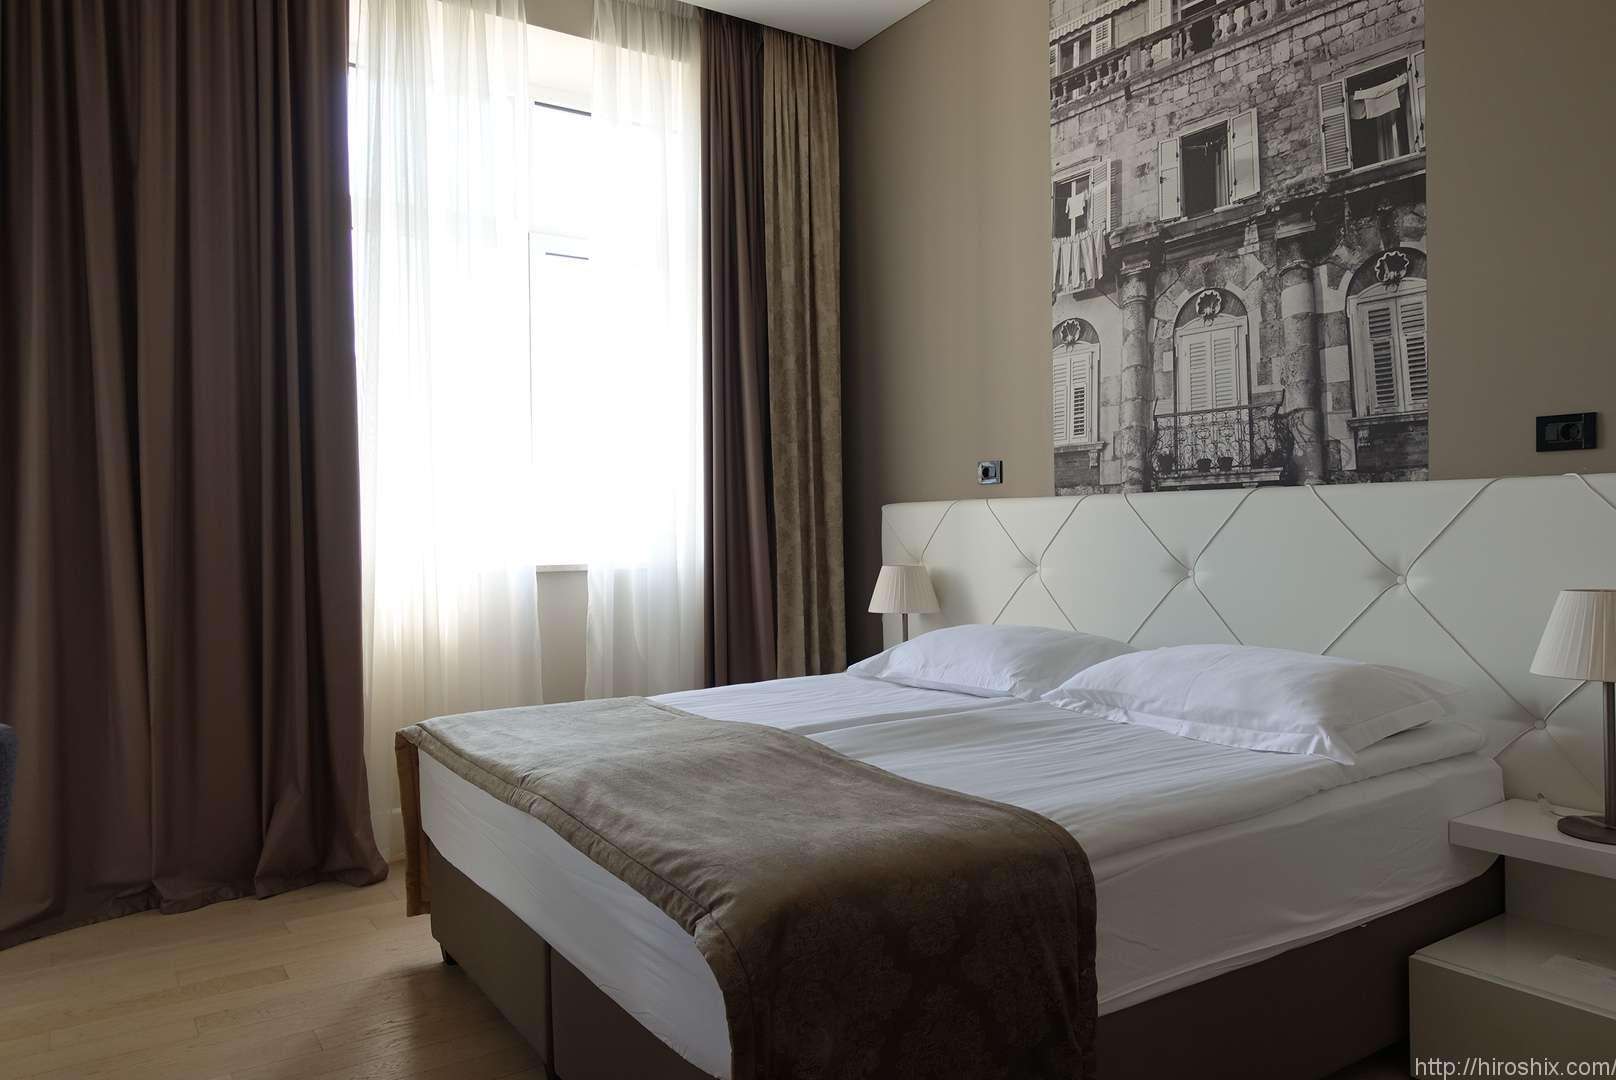 クロアチア・スプリットでコルナロホテルに宿泊!